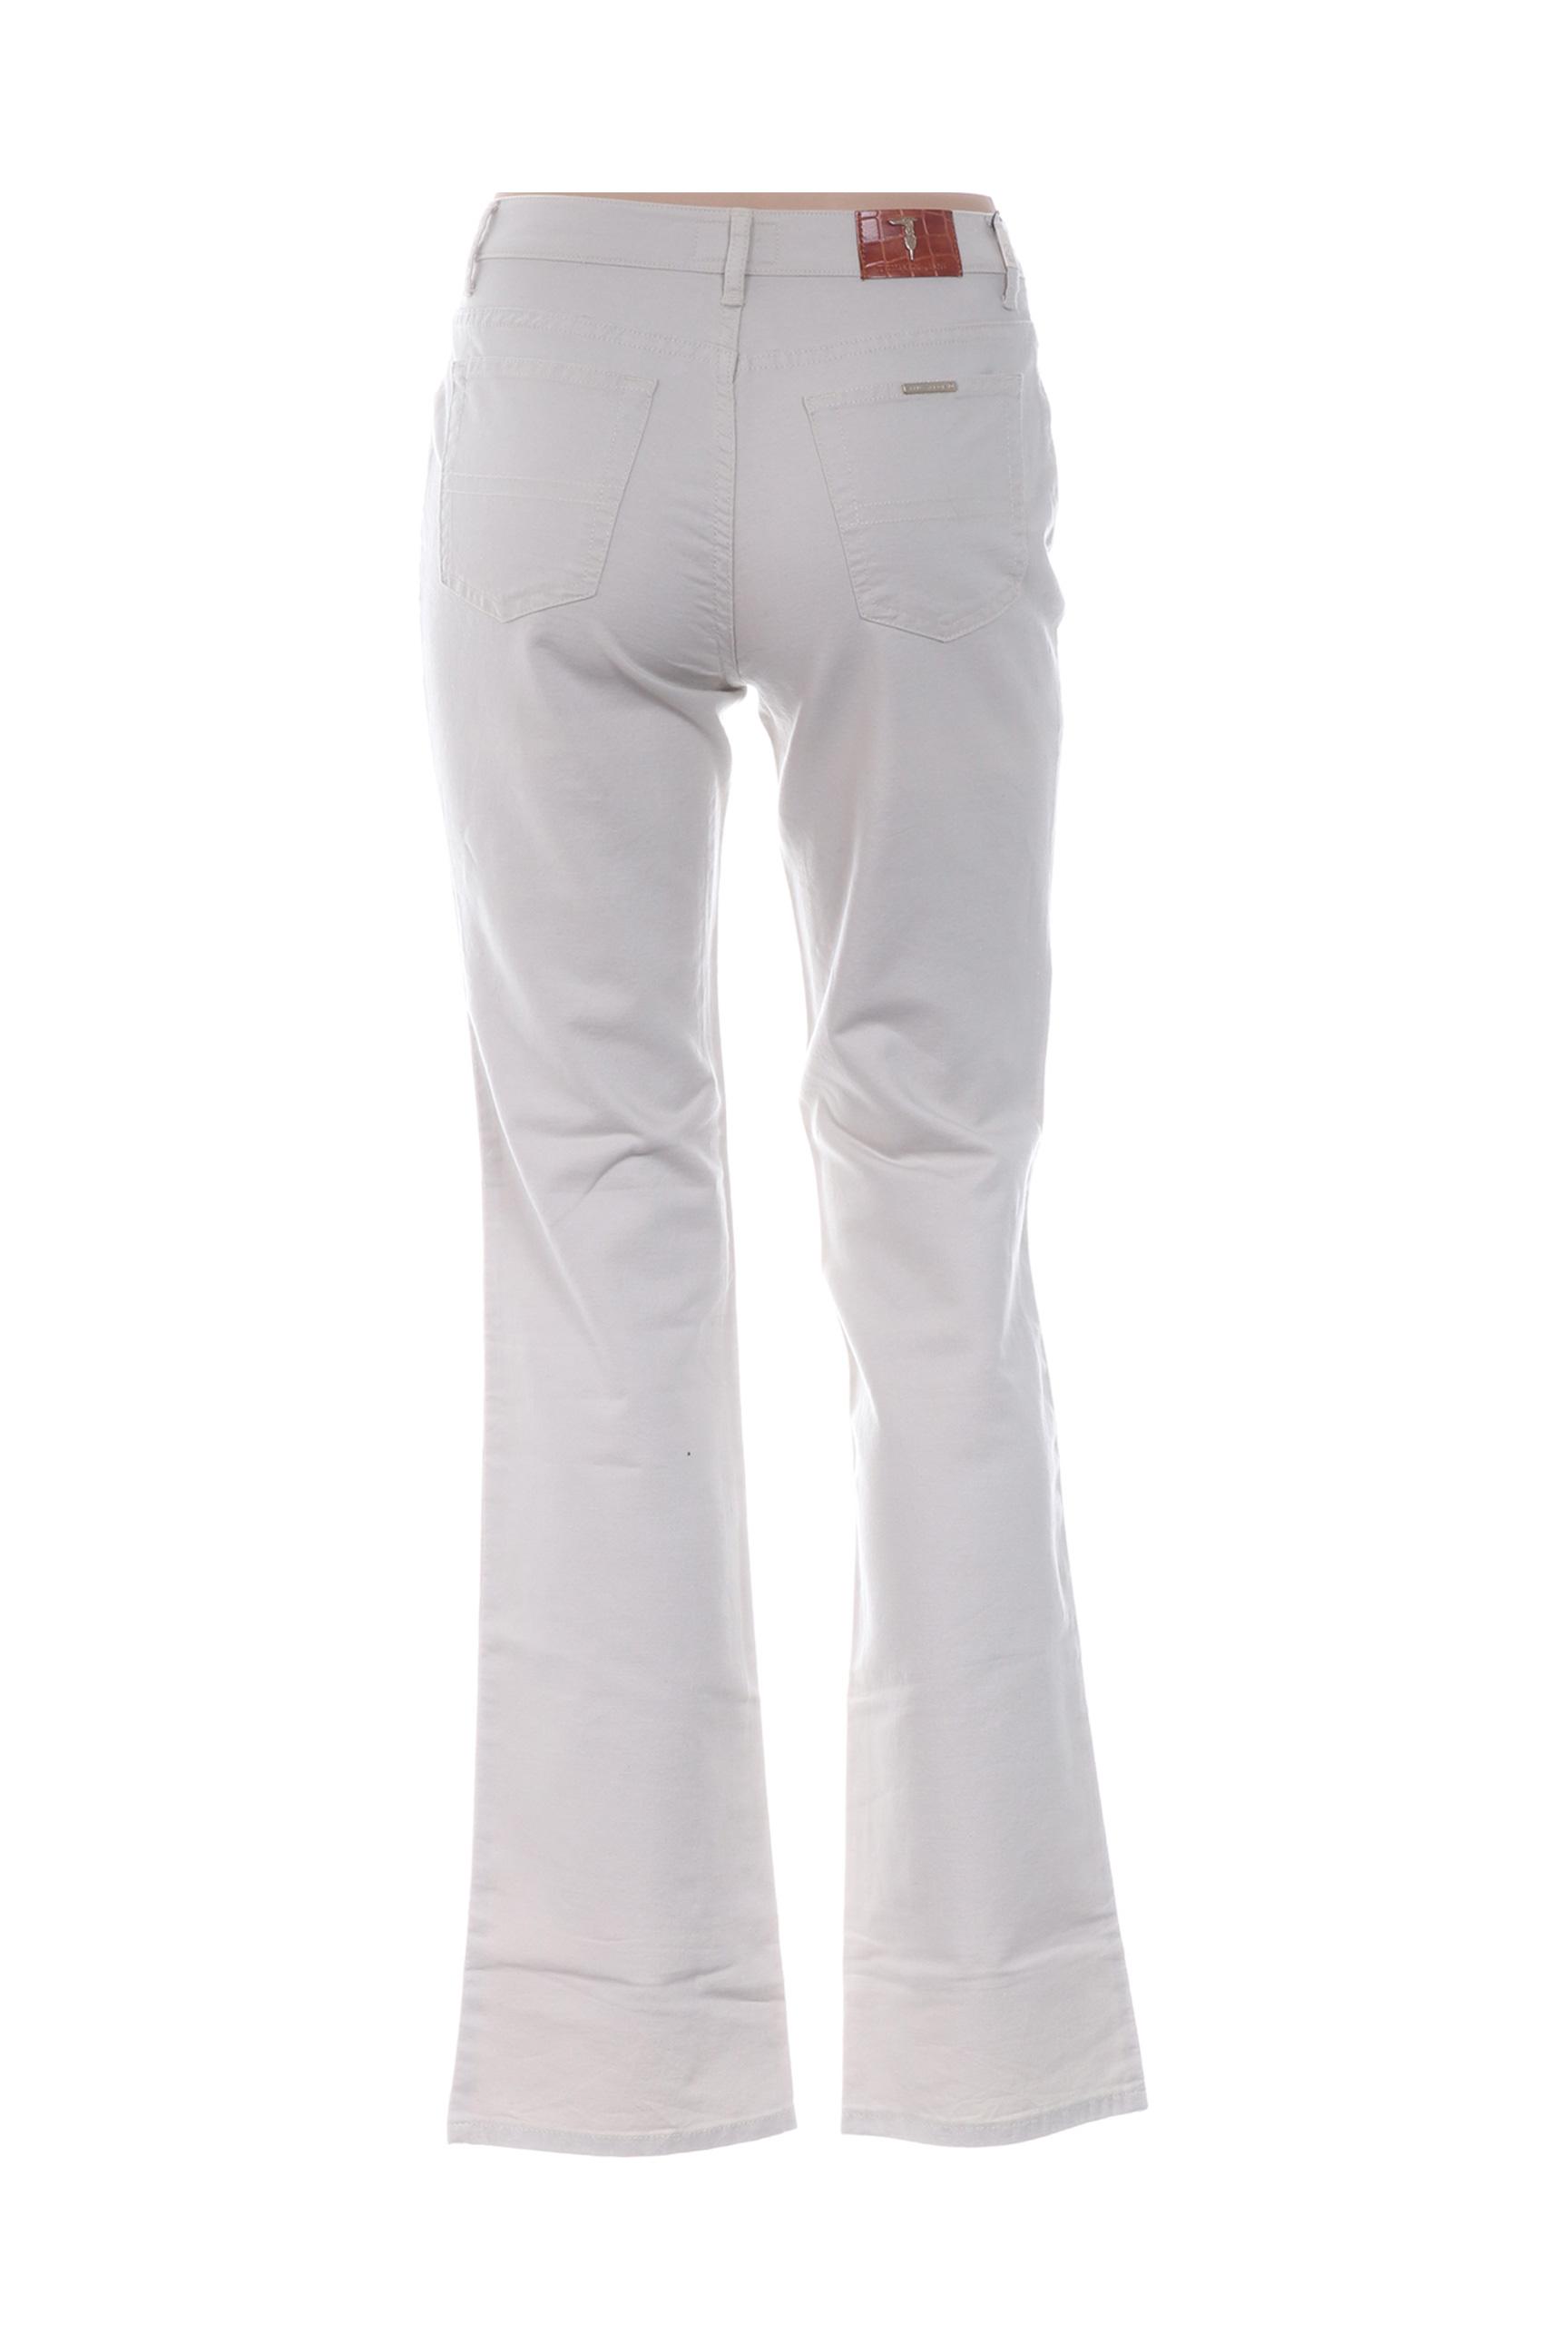 Trussardi Jeans Pantalons Decontractes Femme De Couleur Beige En Soldes Pas Cher 1292459-beige0